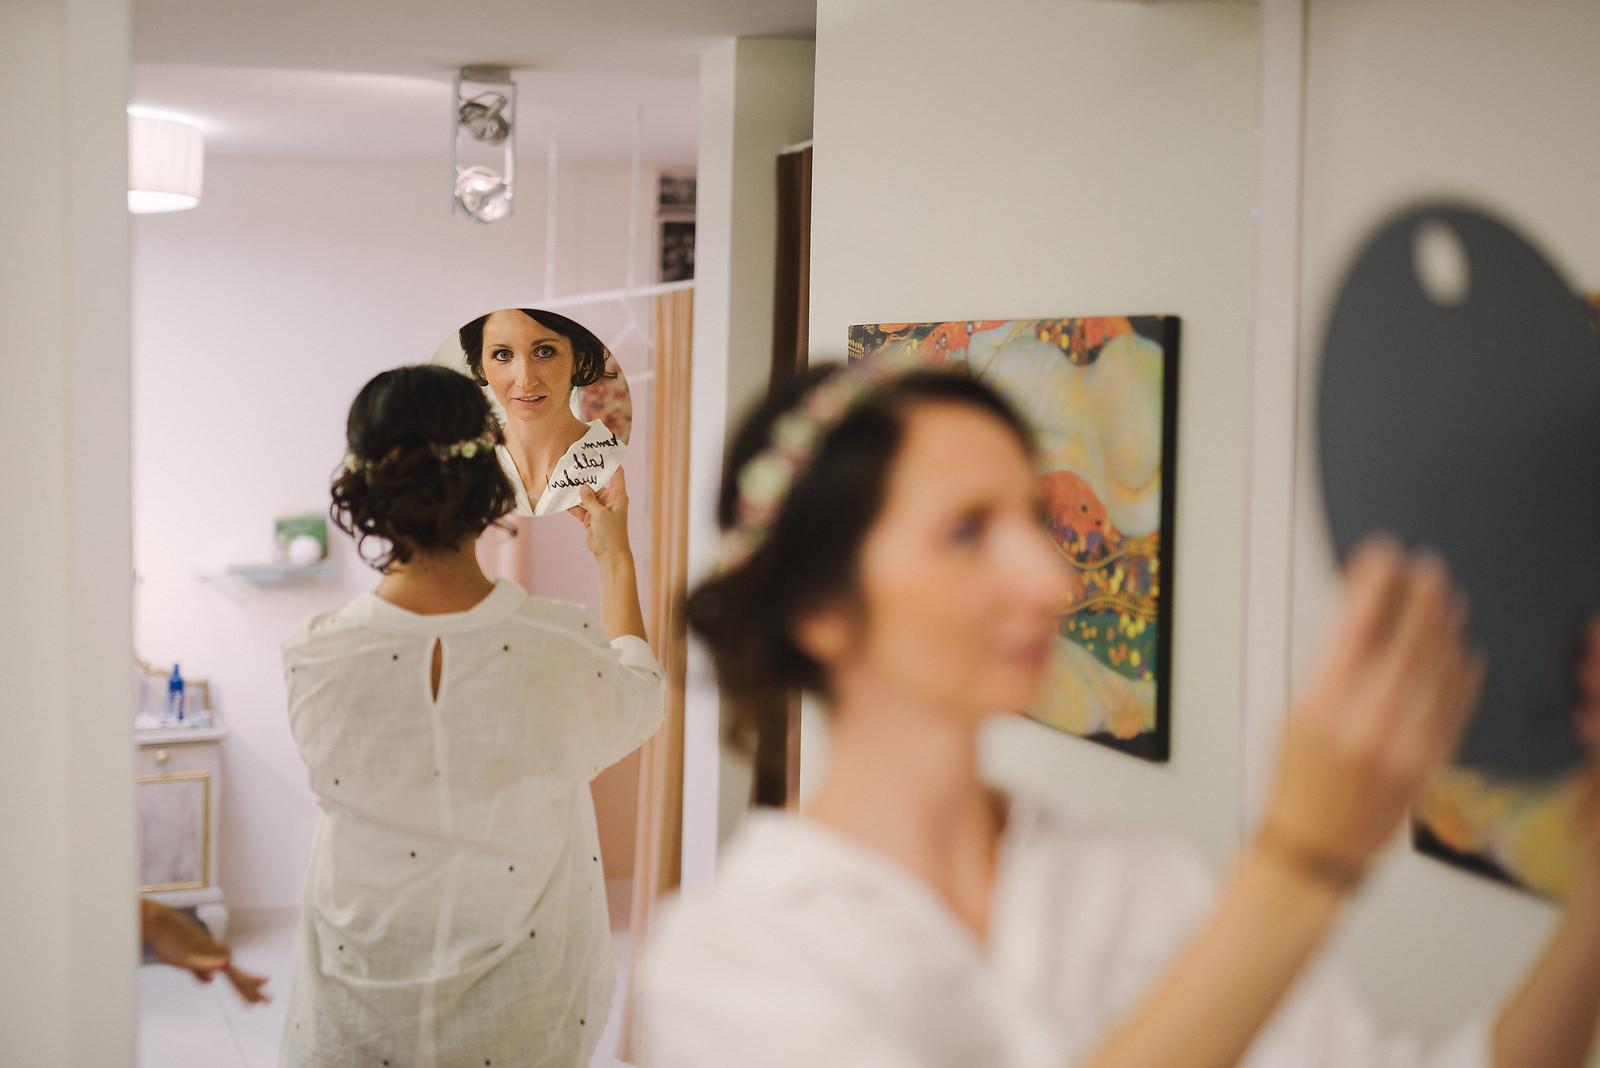 Fotograf Konstanz - Hochzeitsfotograf Reutlingen Achalm Hochzeit EFP 03 - Documentary wedding story on the Achalm, Reutlingen  - 3 -